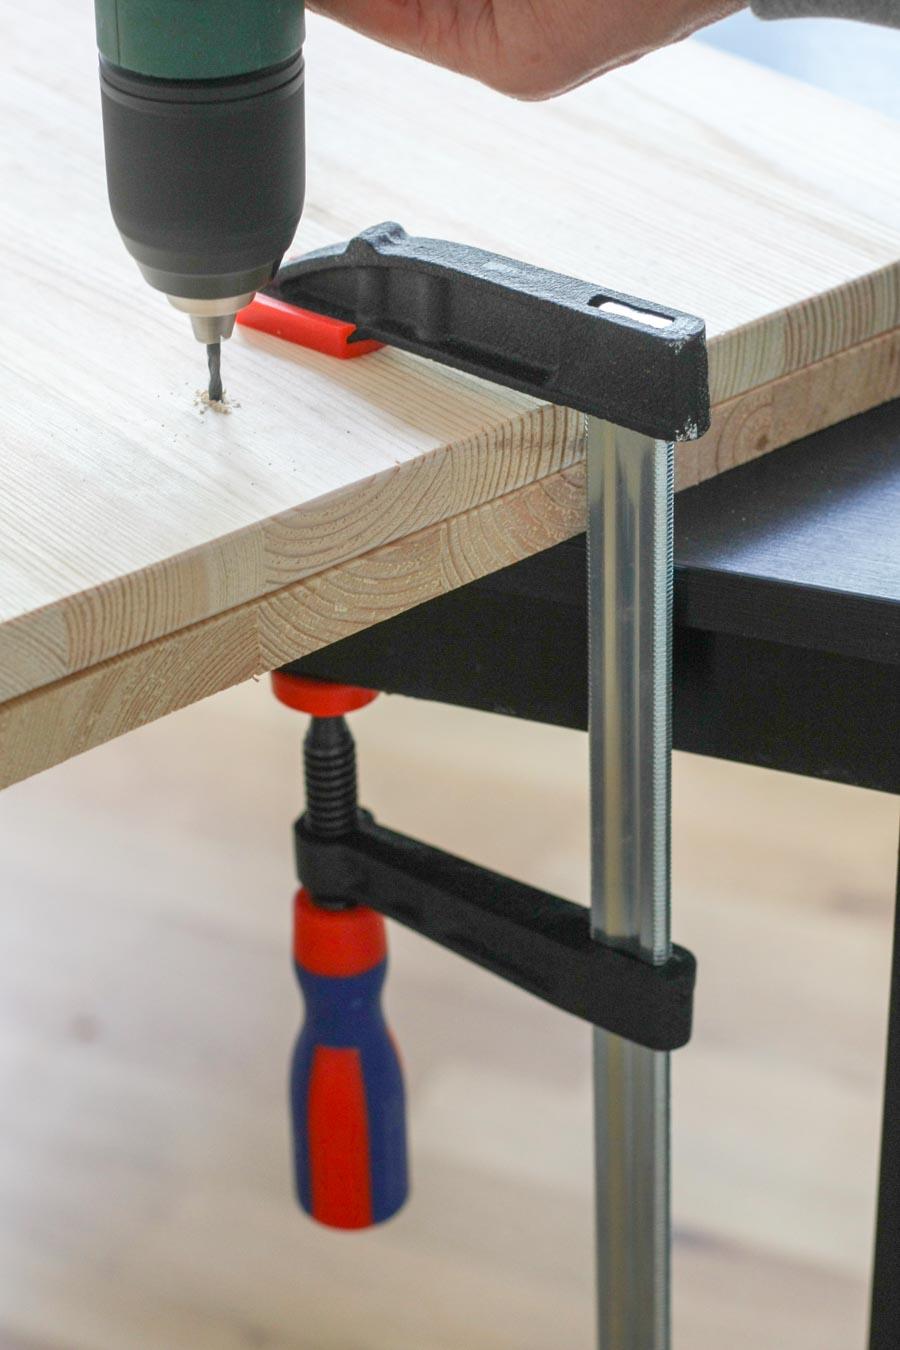 2. Bohren Mithilfe der Zwinge und einem alten Brett als Unterlage bohren, so splittert das Holz am Bohrausgang weniger